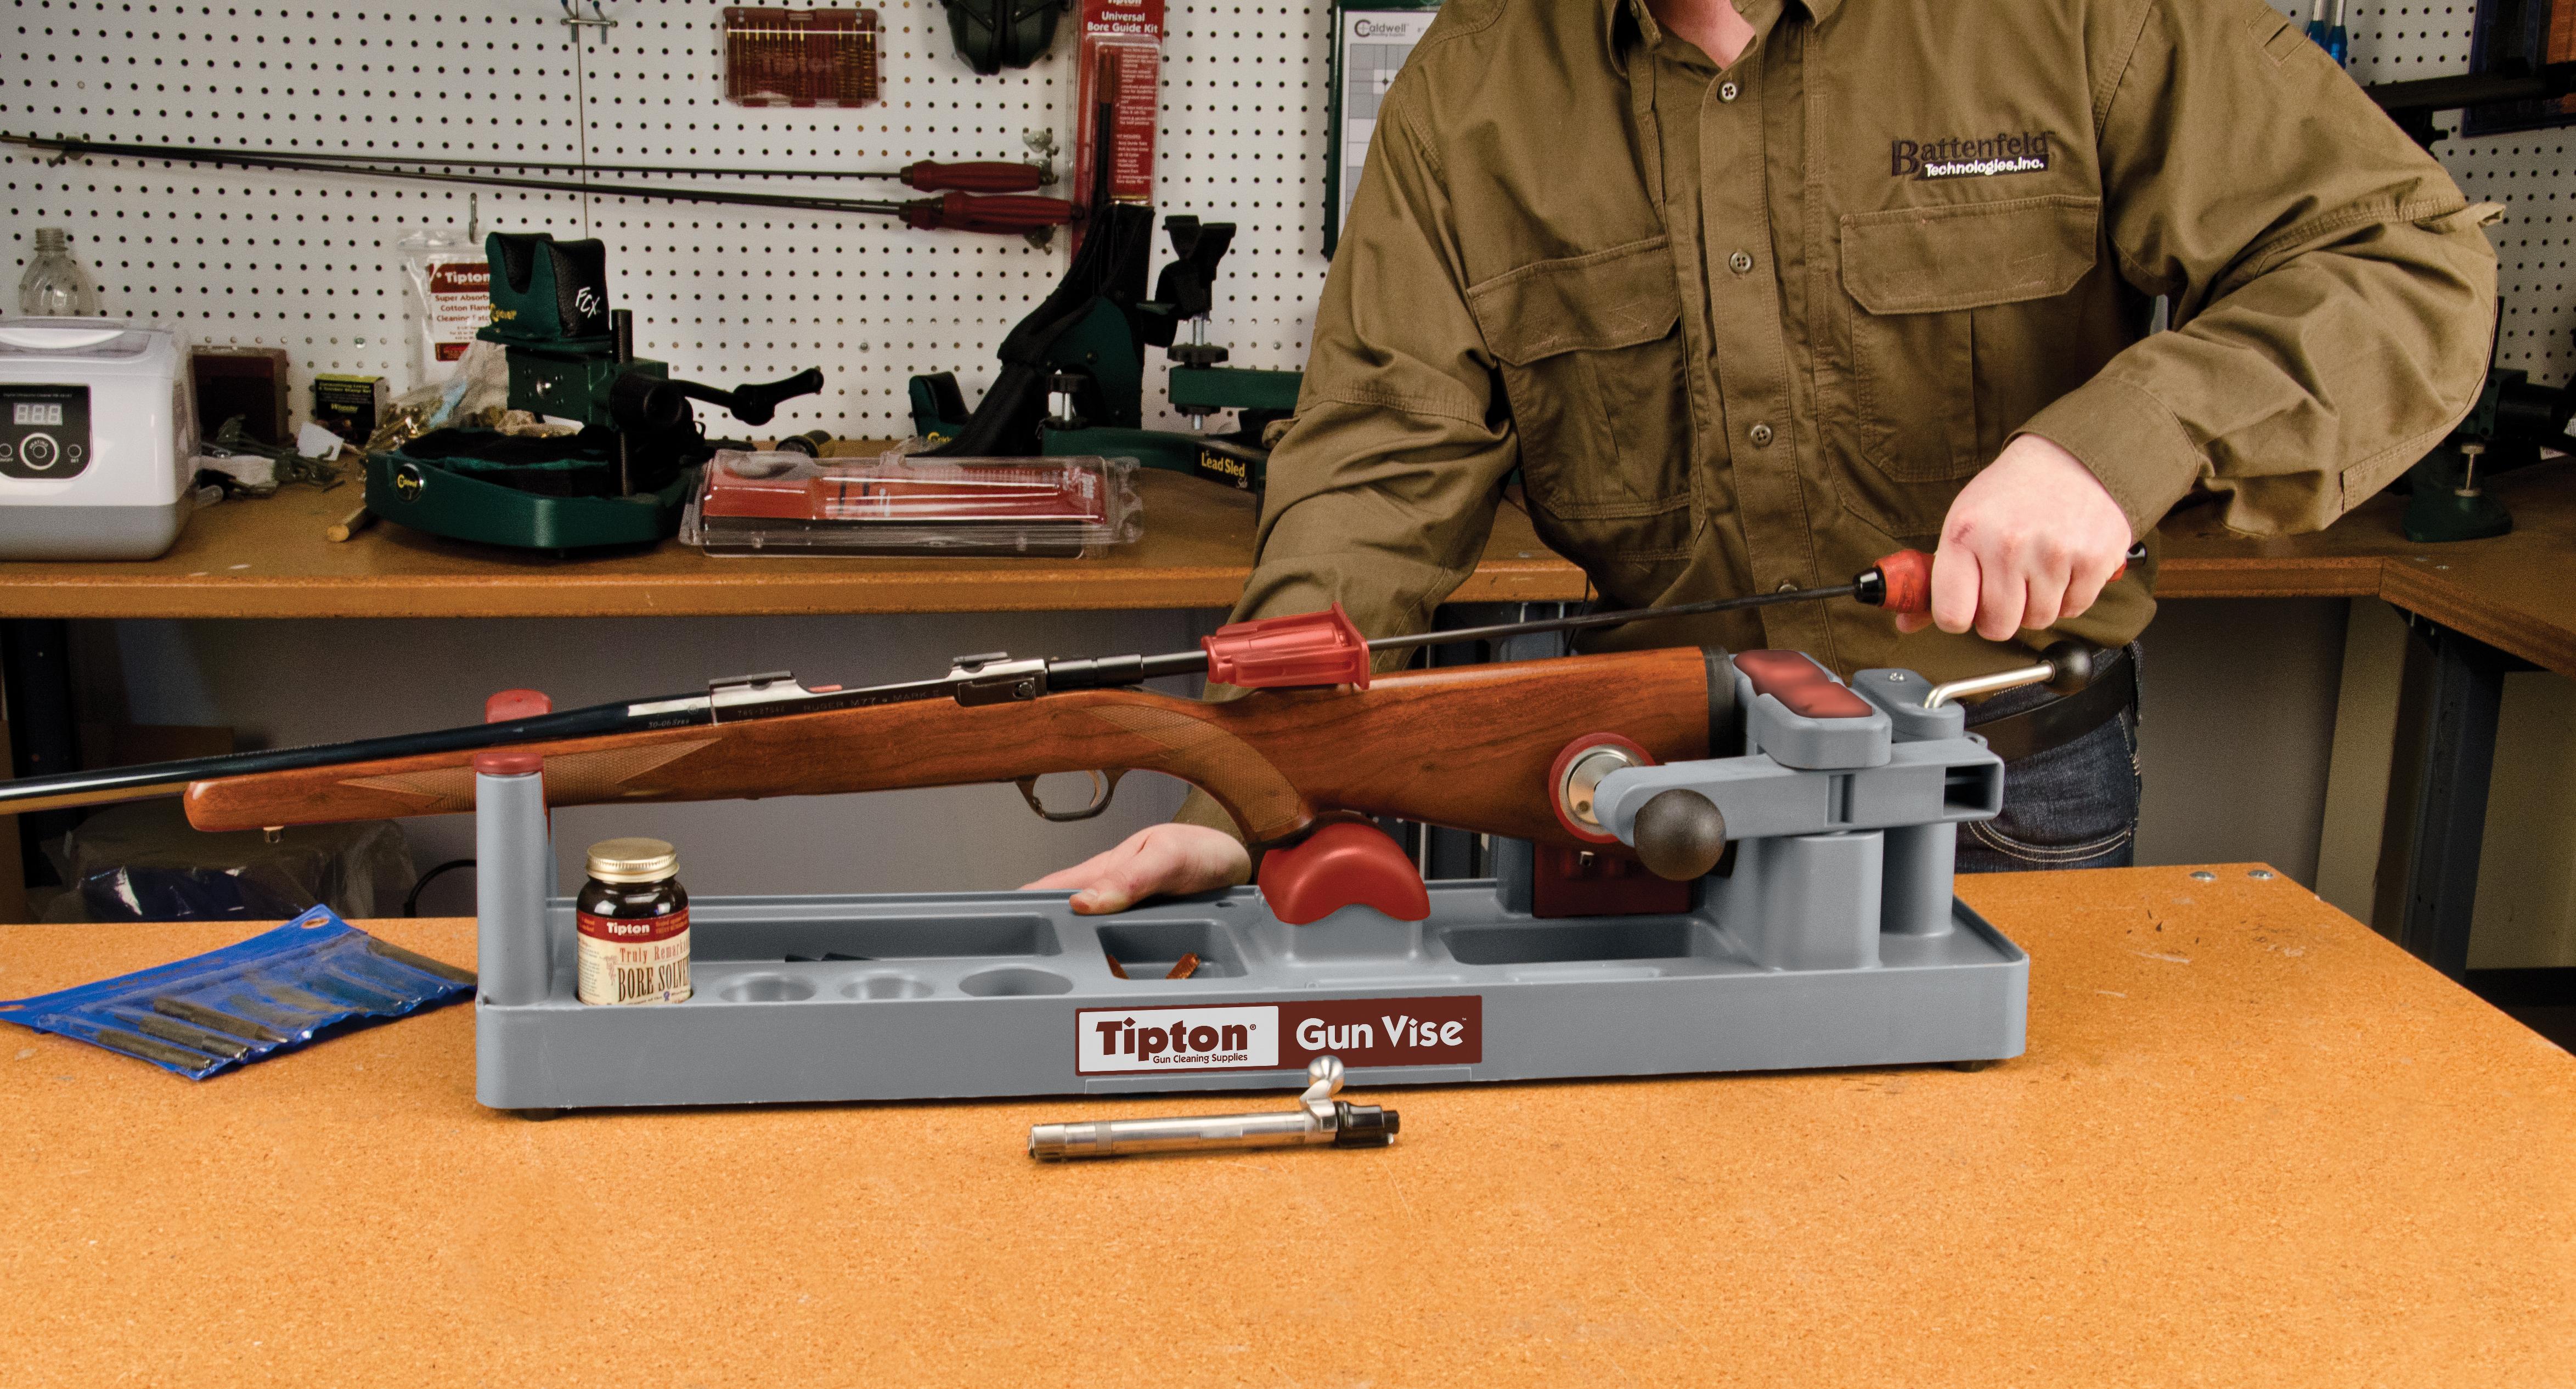 Gun Vise Battenfeld Technologies